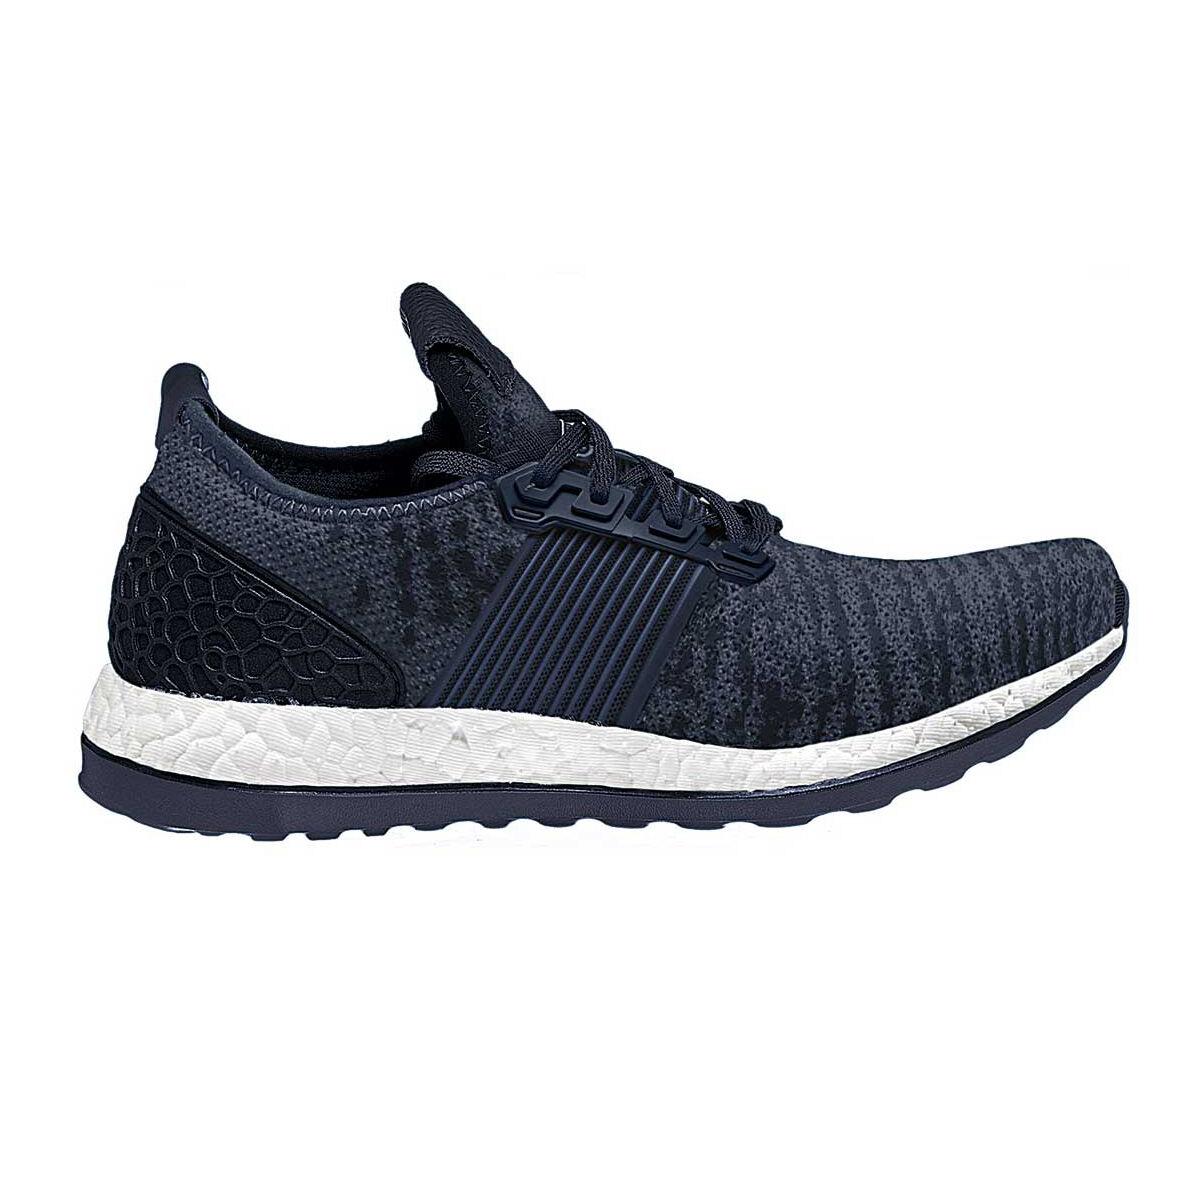 e6862e11e ... australia adidas pureboost zg mens running shoes navy white us 7 navy  white 46aa3 501f6 ...